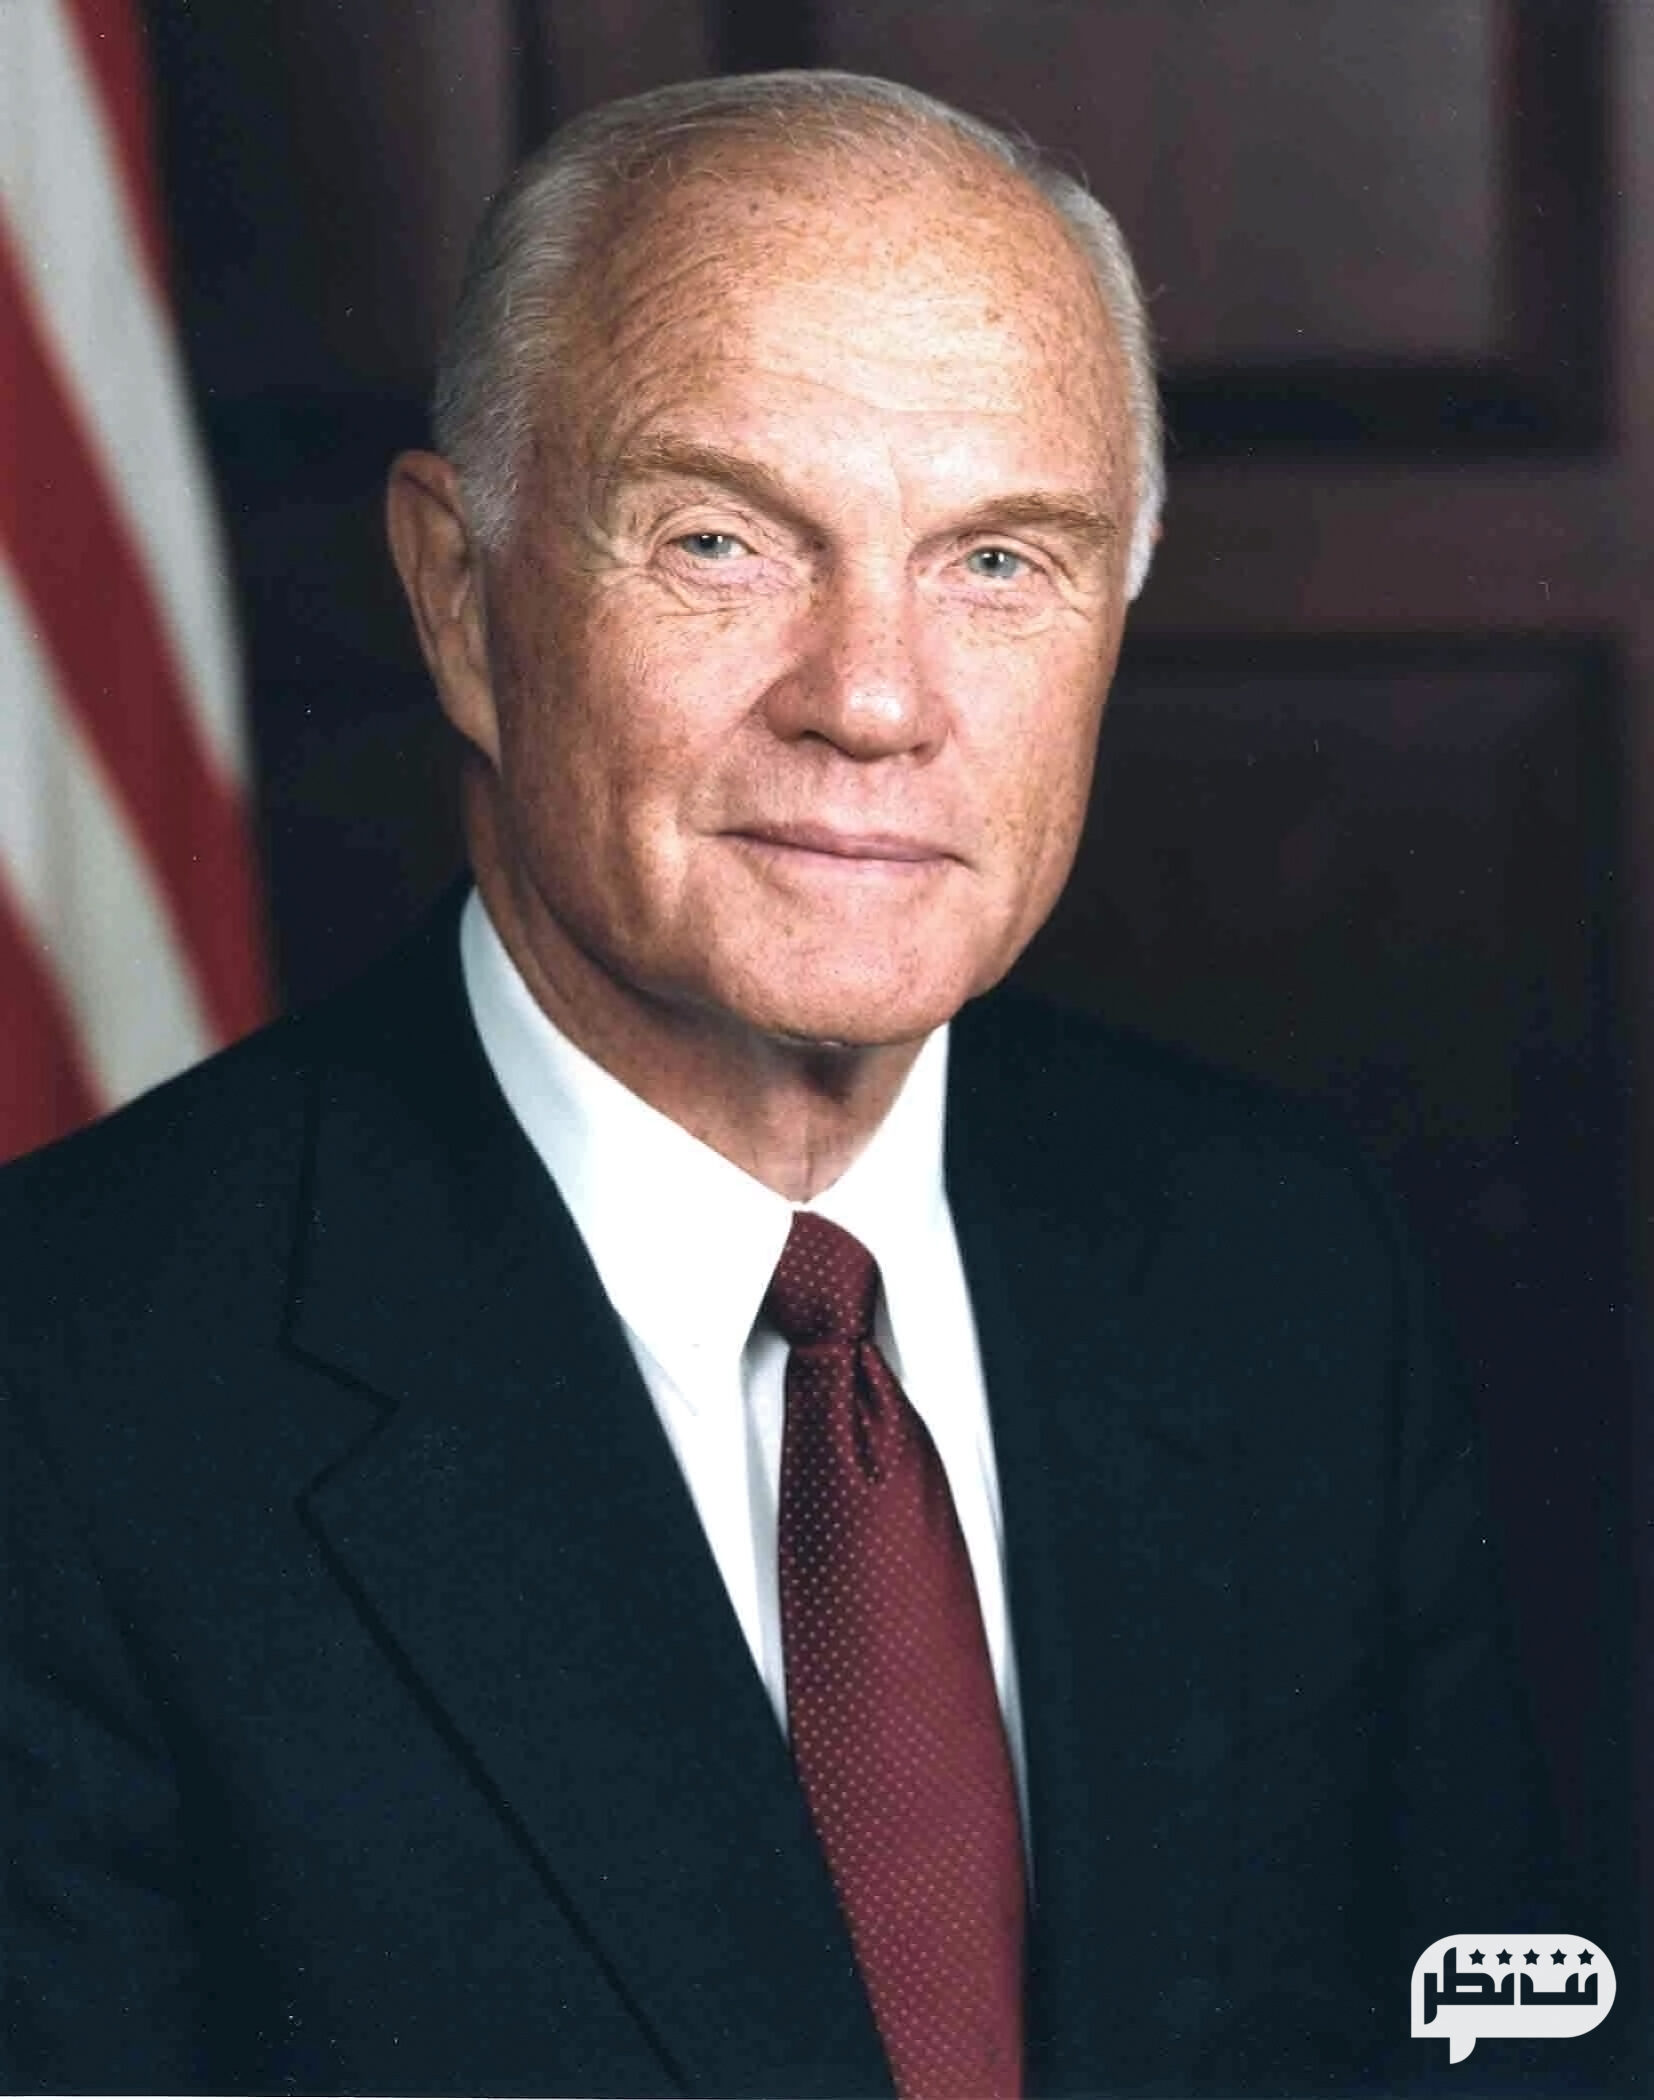 یکی دیگر از فضانوردان معروف جان گلن